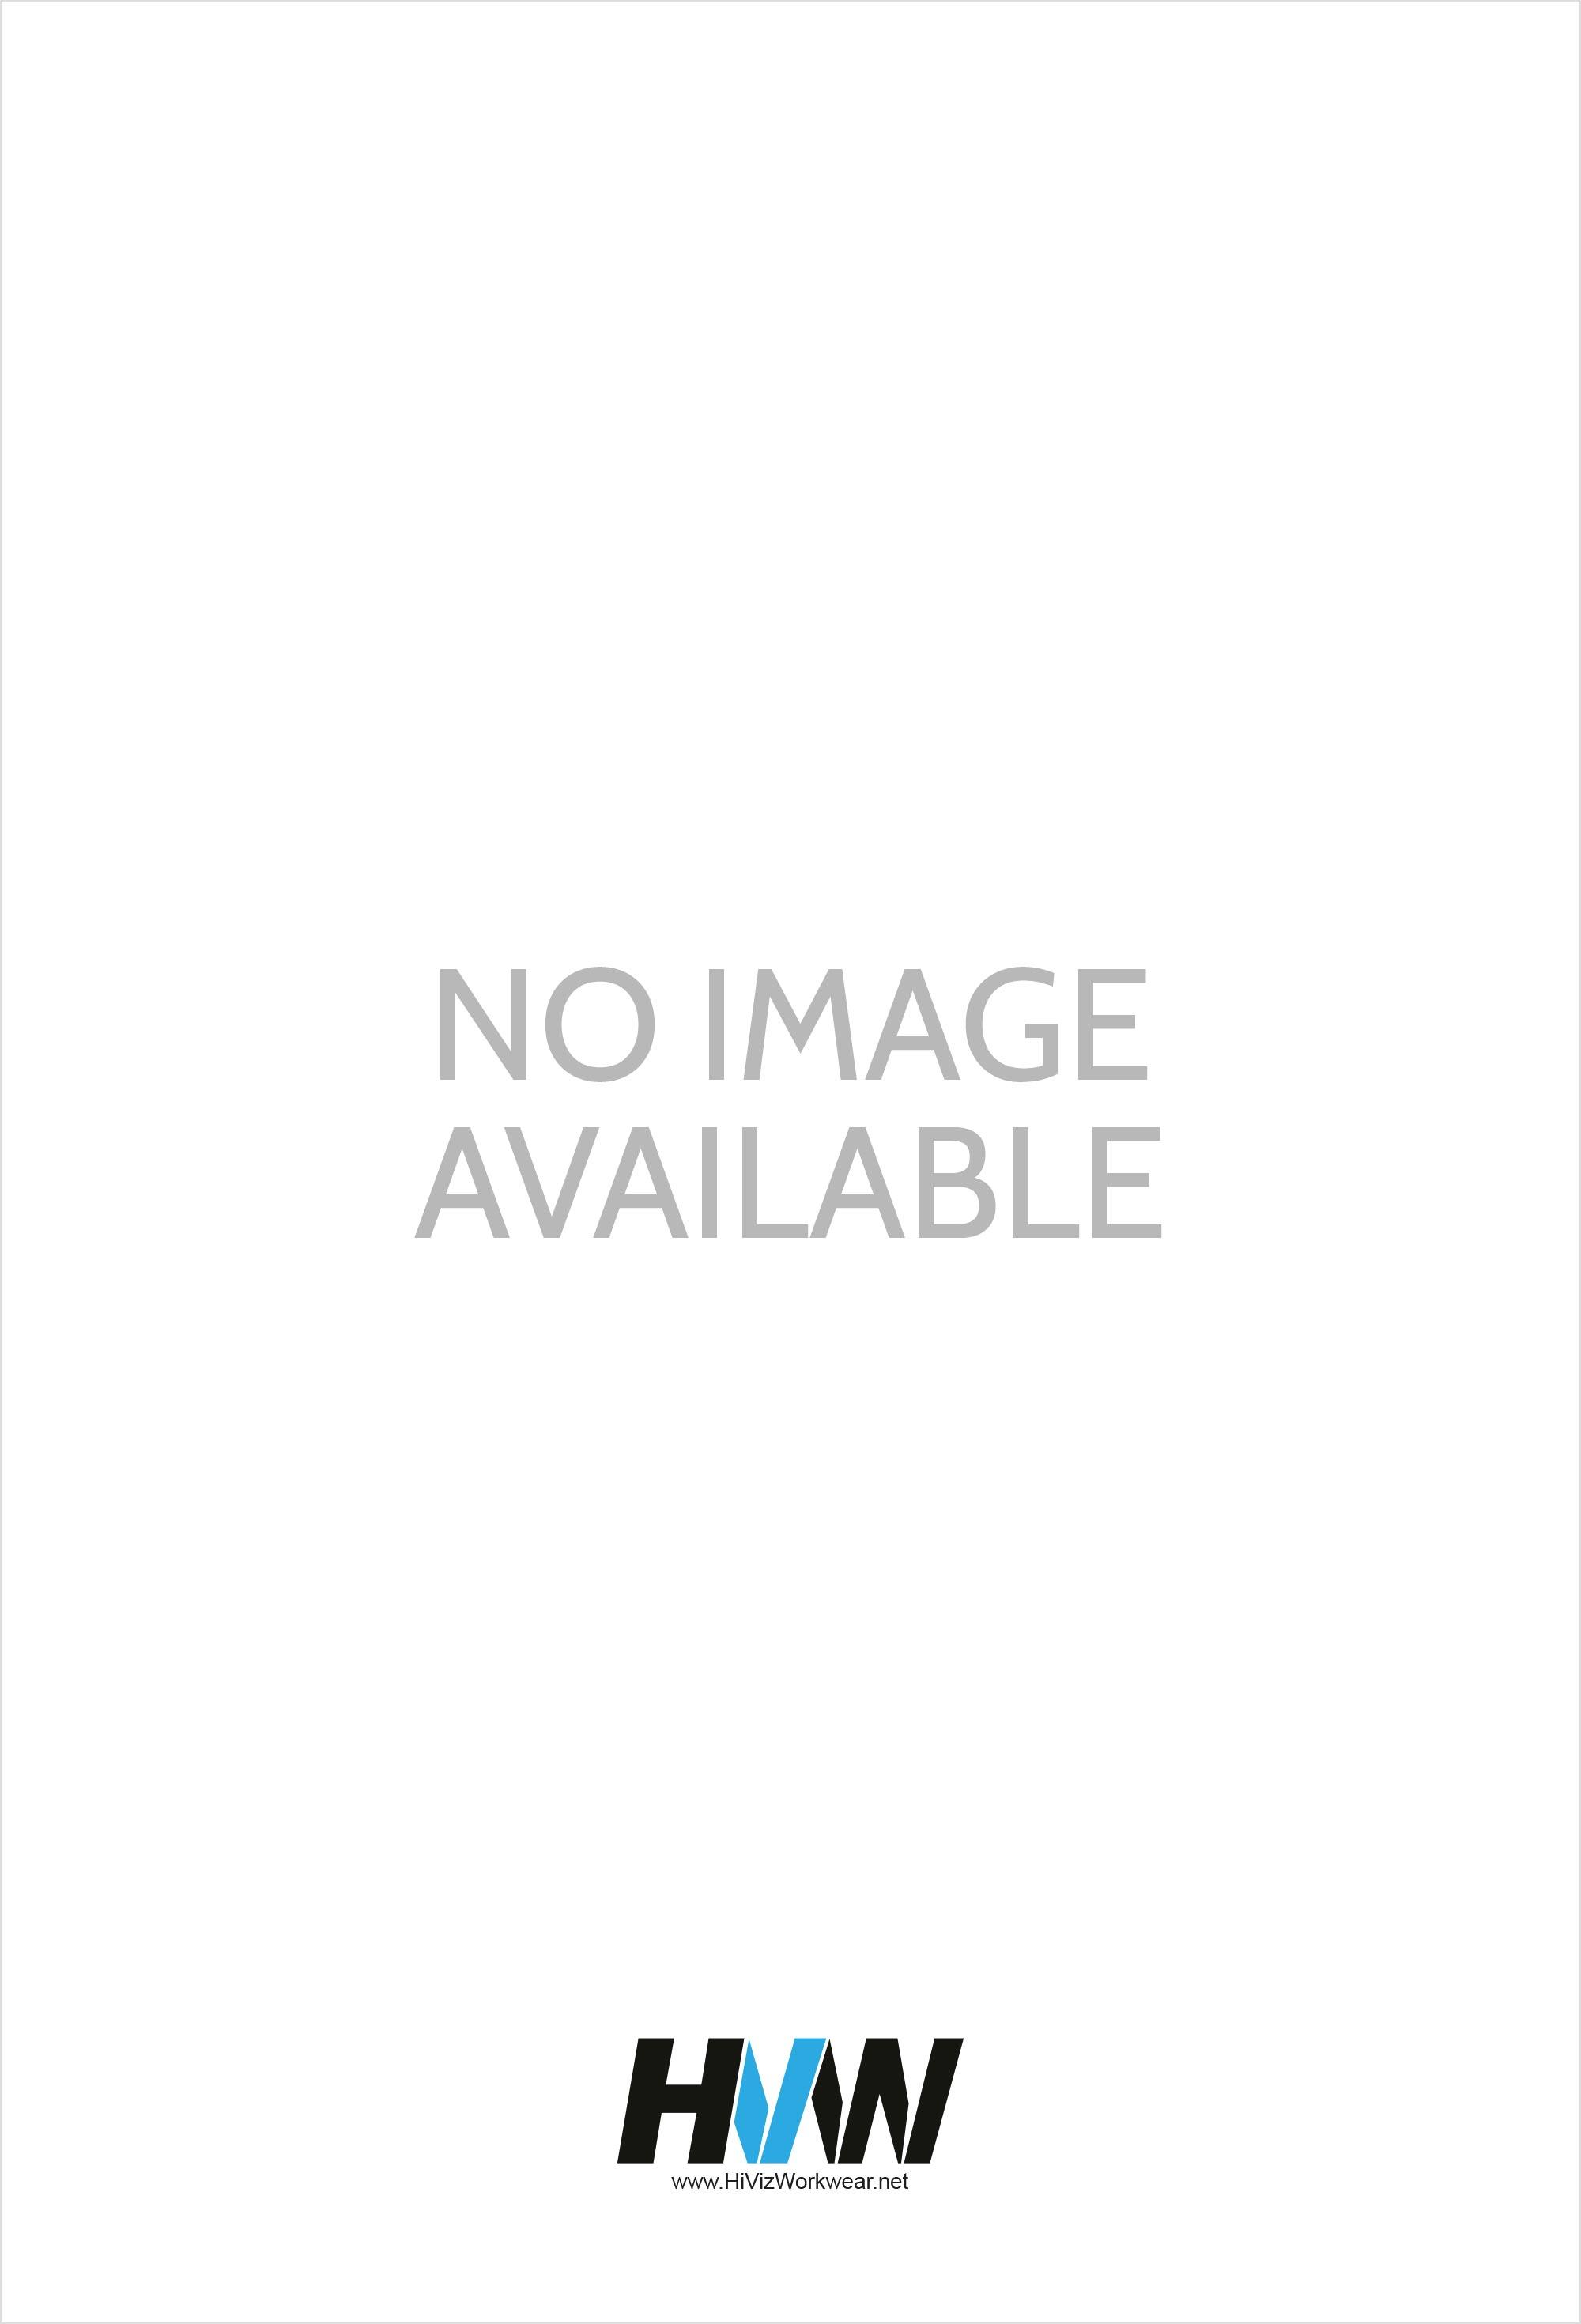 Kustom Kit KK386 City Business Long Sleeved Shirt  (Collar Size 14.5 To 19.5)